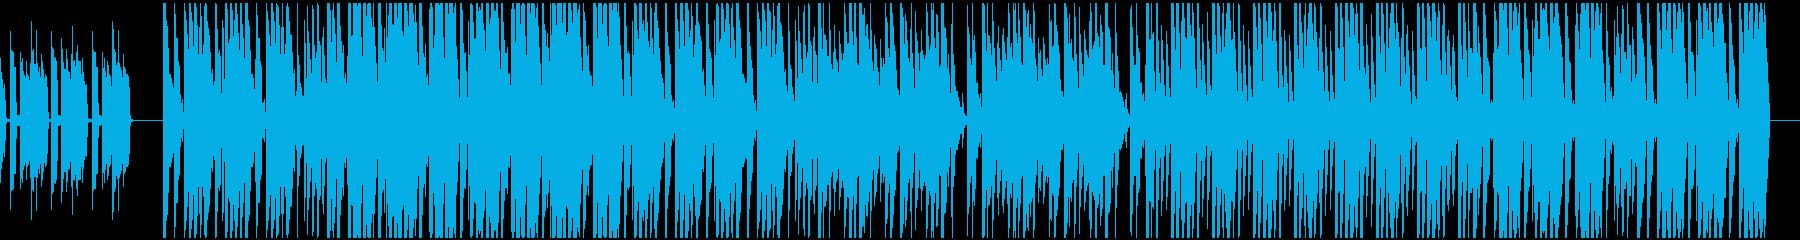 ポップロックオルタナティブ。弾む、...の再生済みの波形